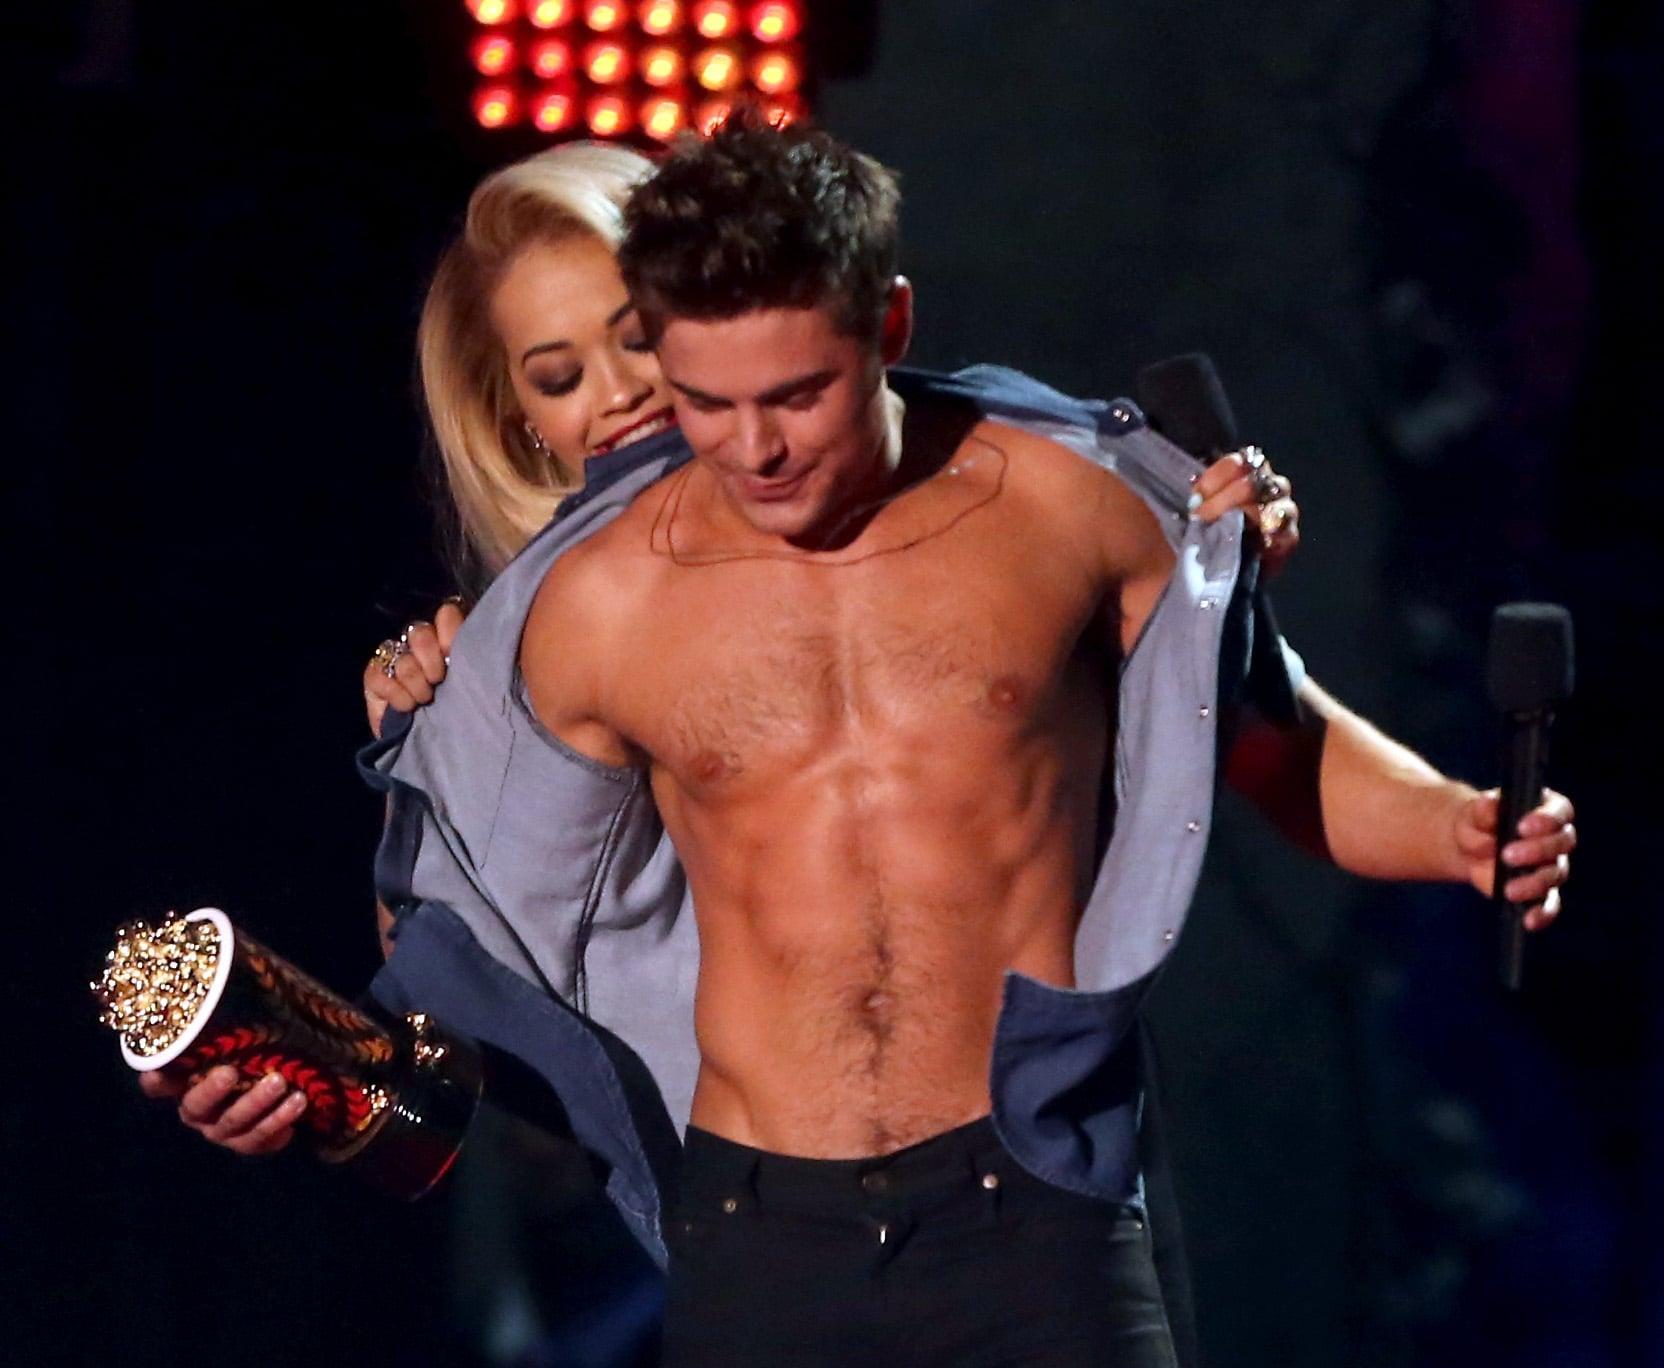 Do not envy Rita Ora's proximity to his abs.